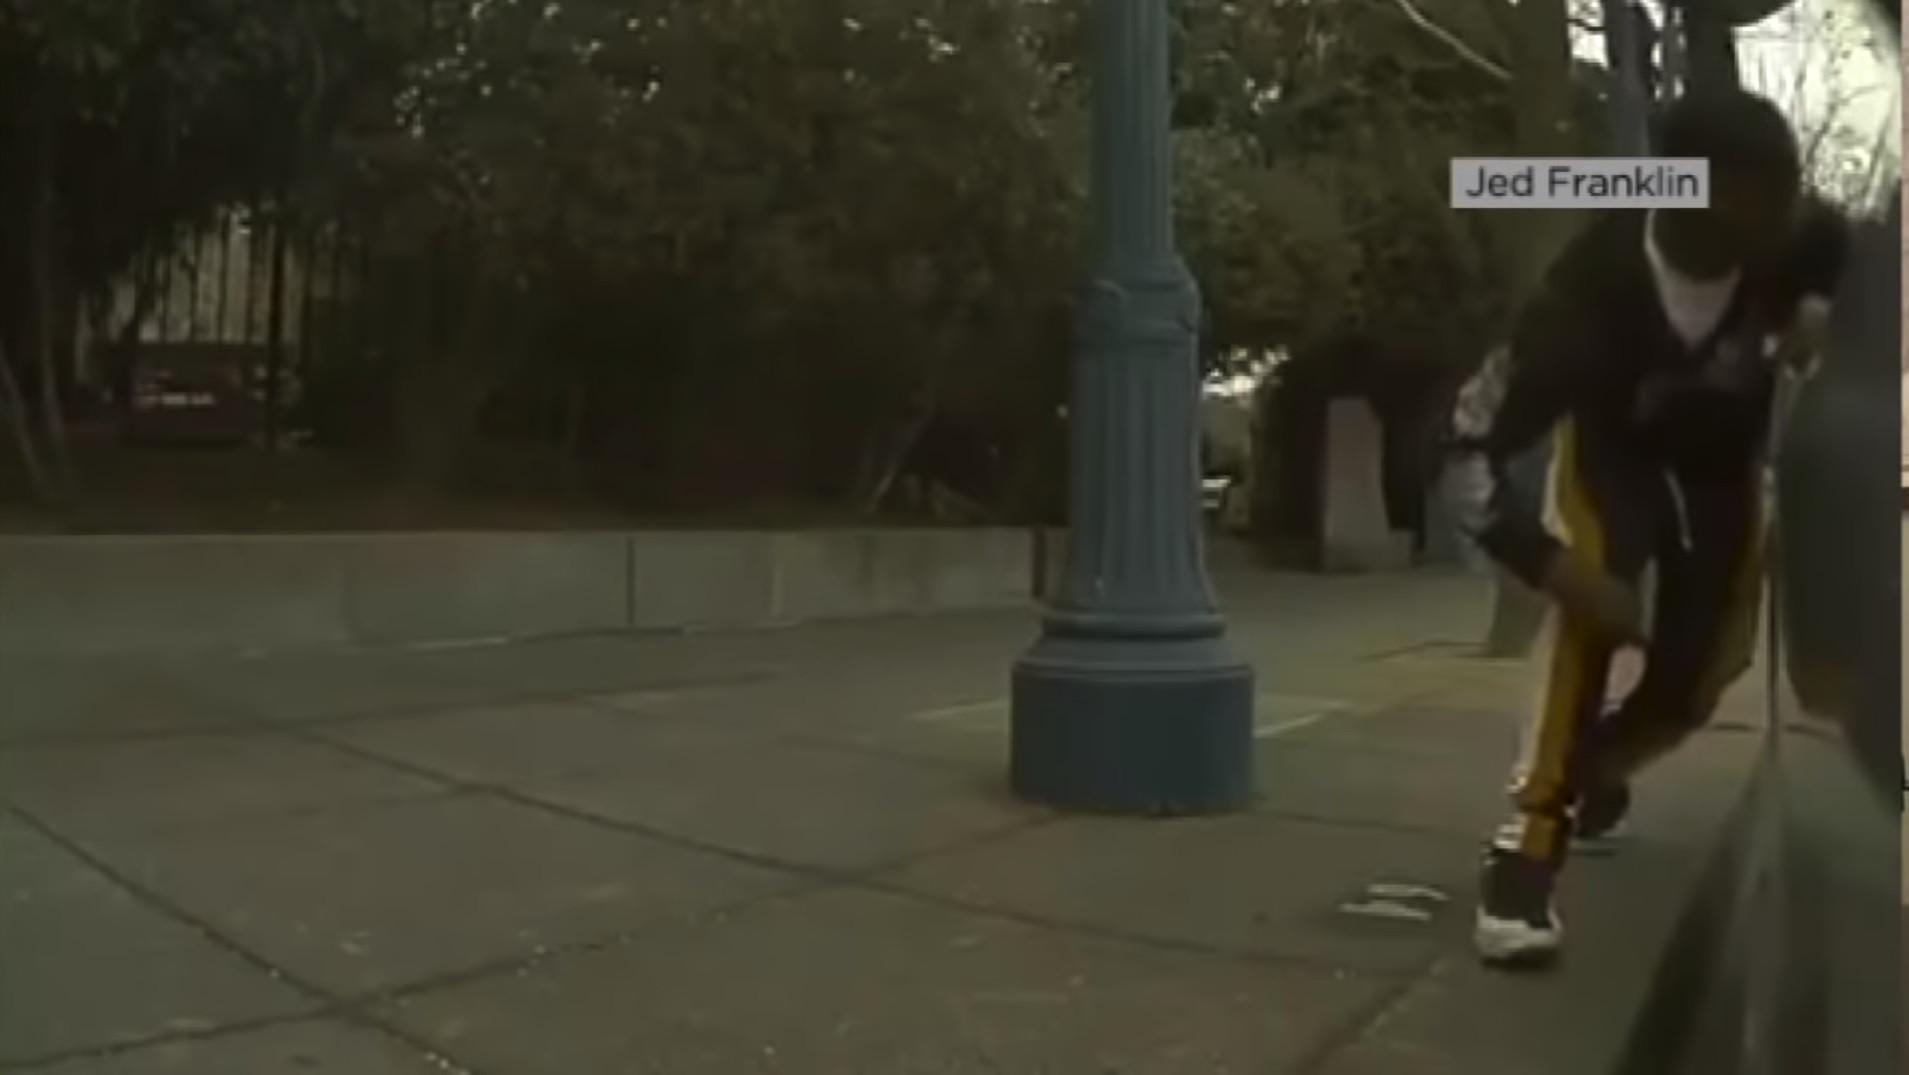 Carro da Tesla filma tentativa de assalto. Veja o vídeo